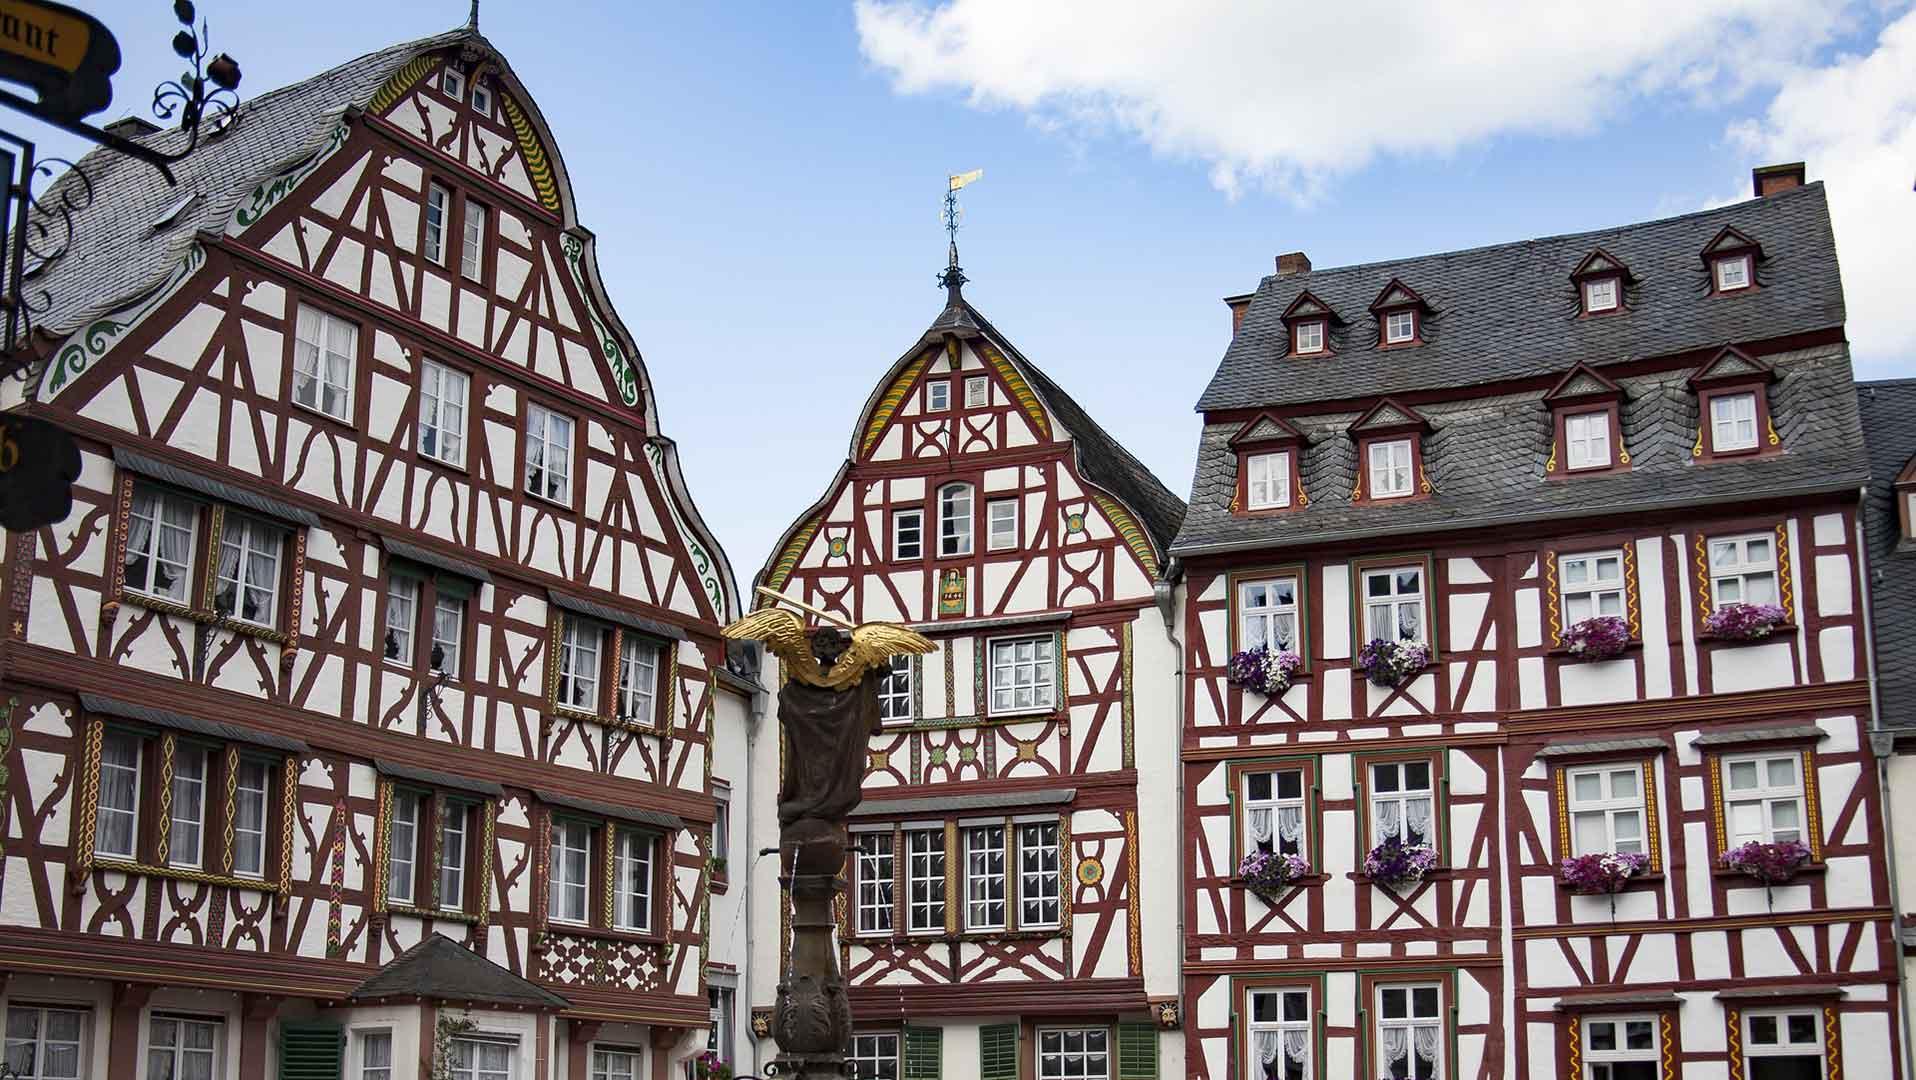 Mooie vakwerkhuizen in Bernkastel-Kues aan de Moezel.